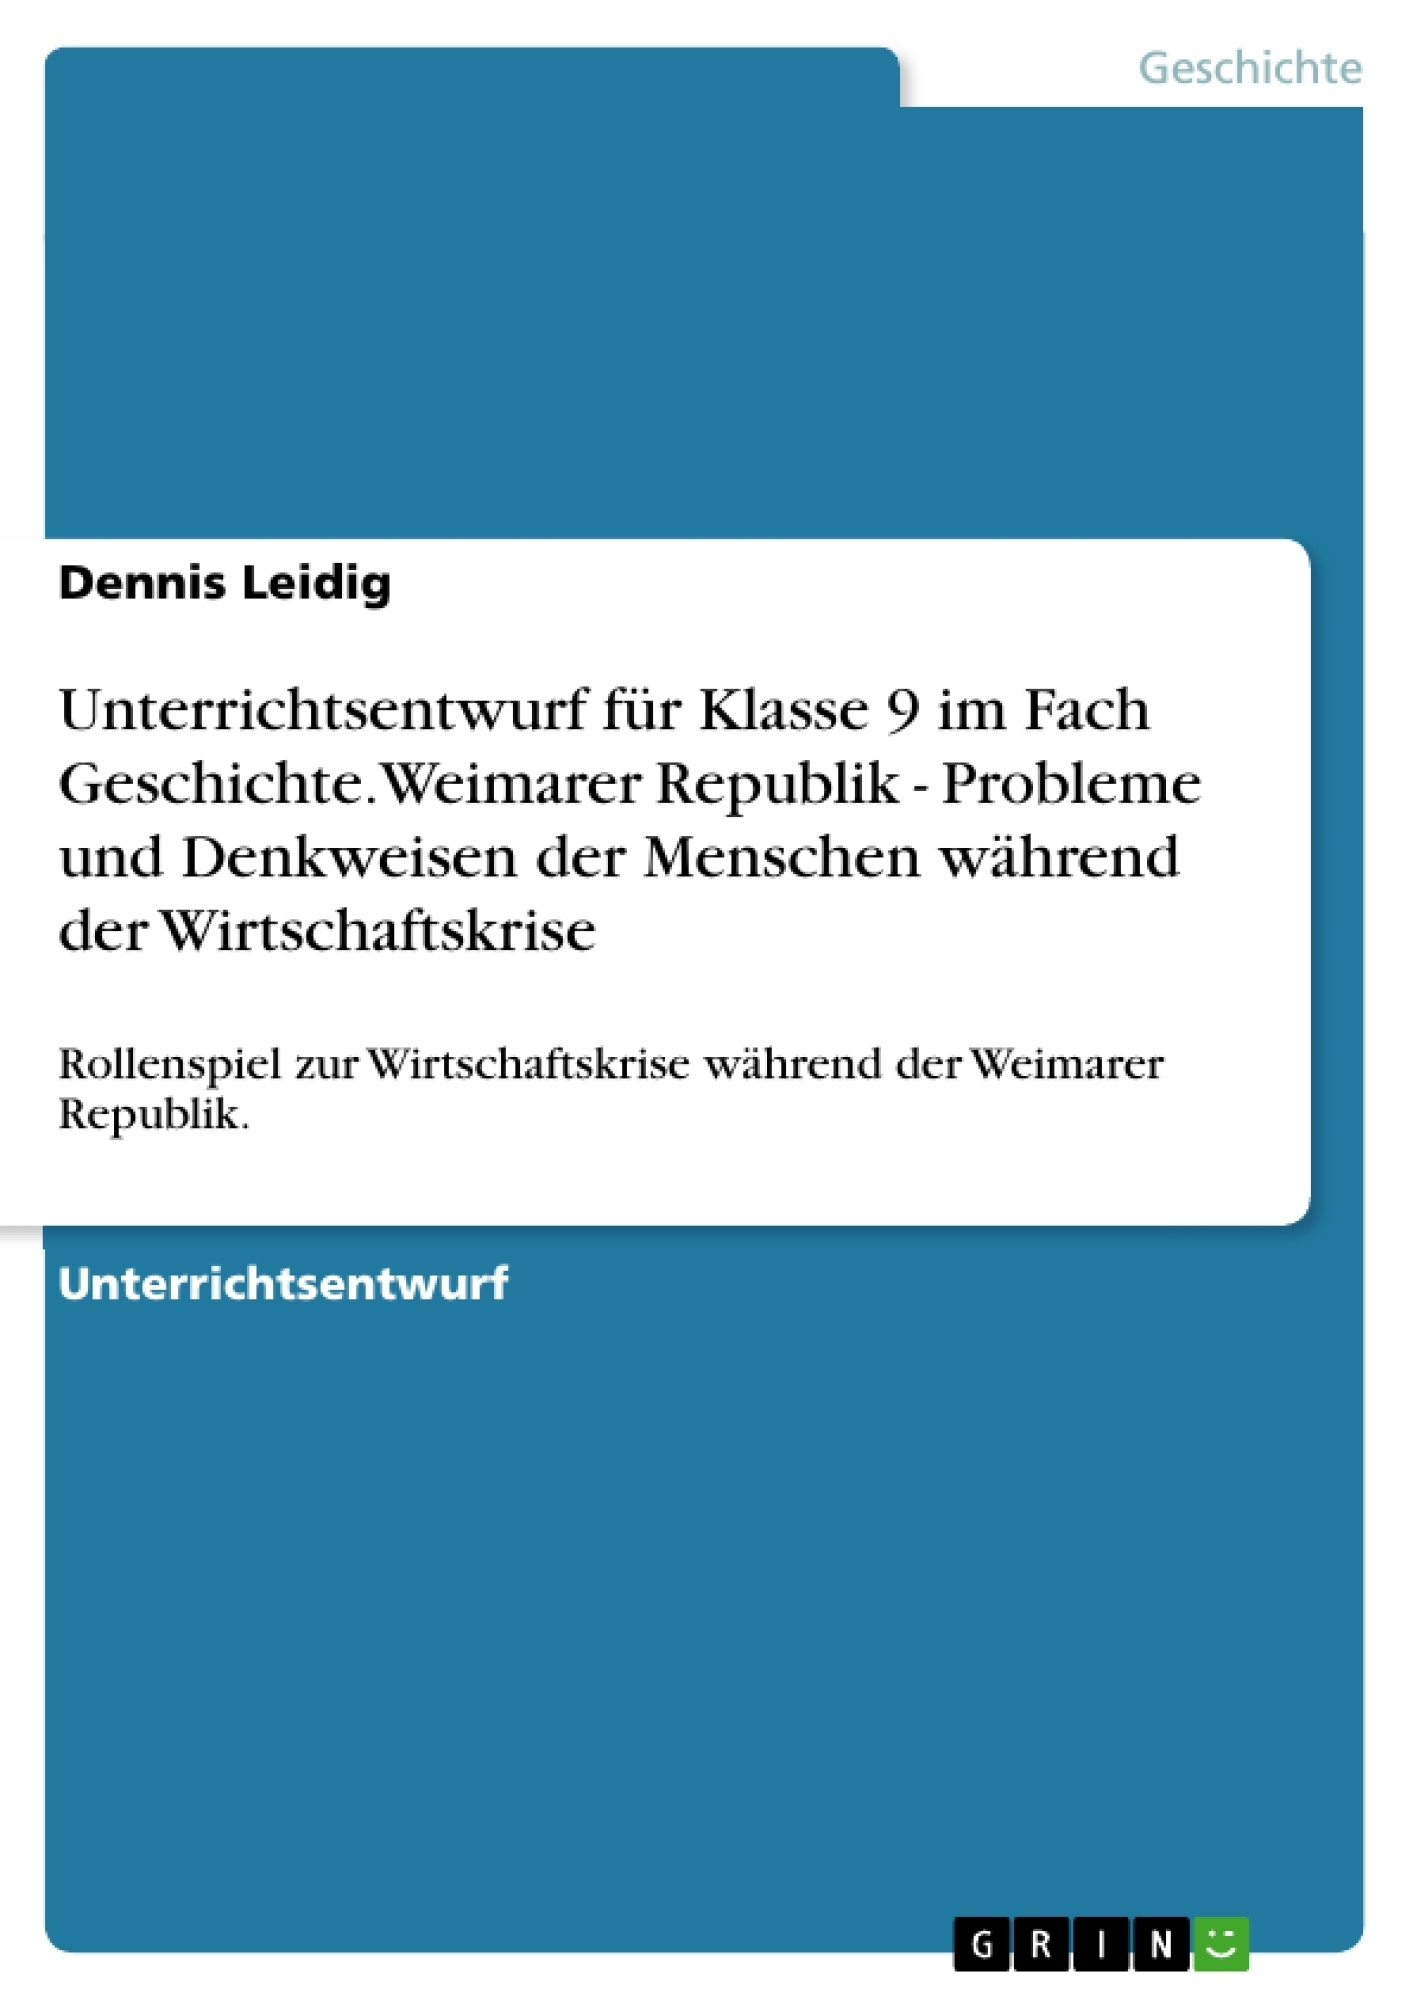 Titel: Unterrichtsentwurf für Klasse 9 im Fach Geschichte. Weimarer Republik - Probleme und Denkweisen der Menschen während der Wirtschaftskrise